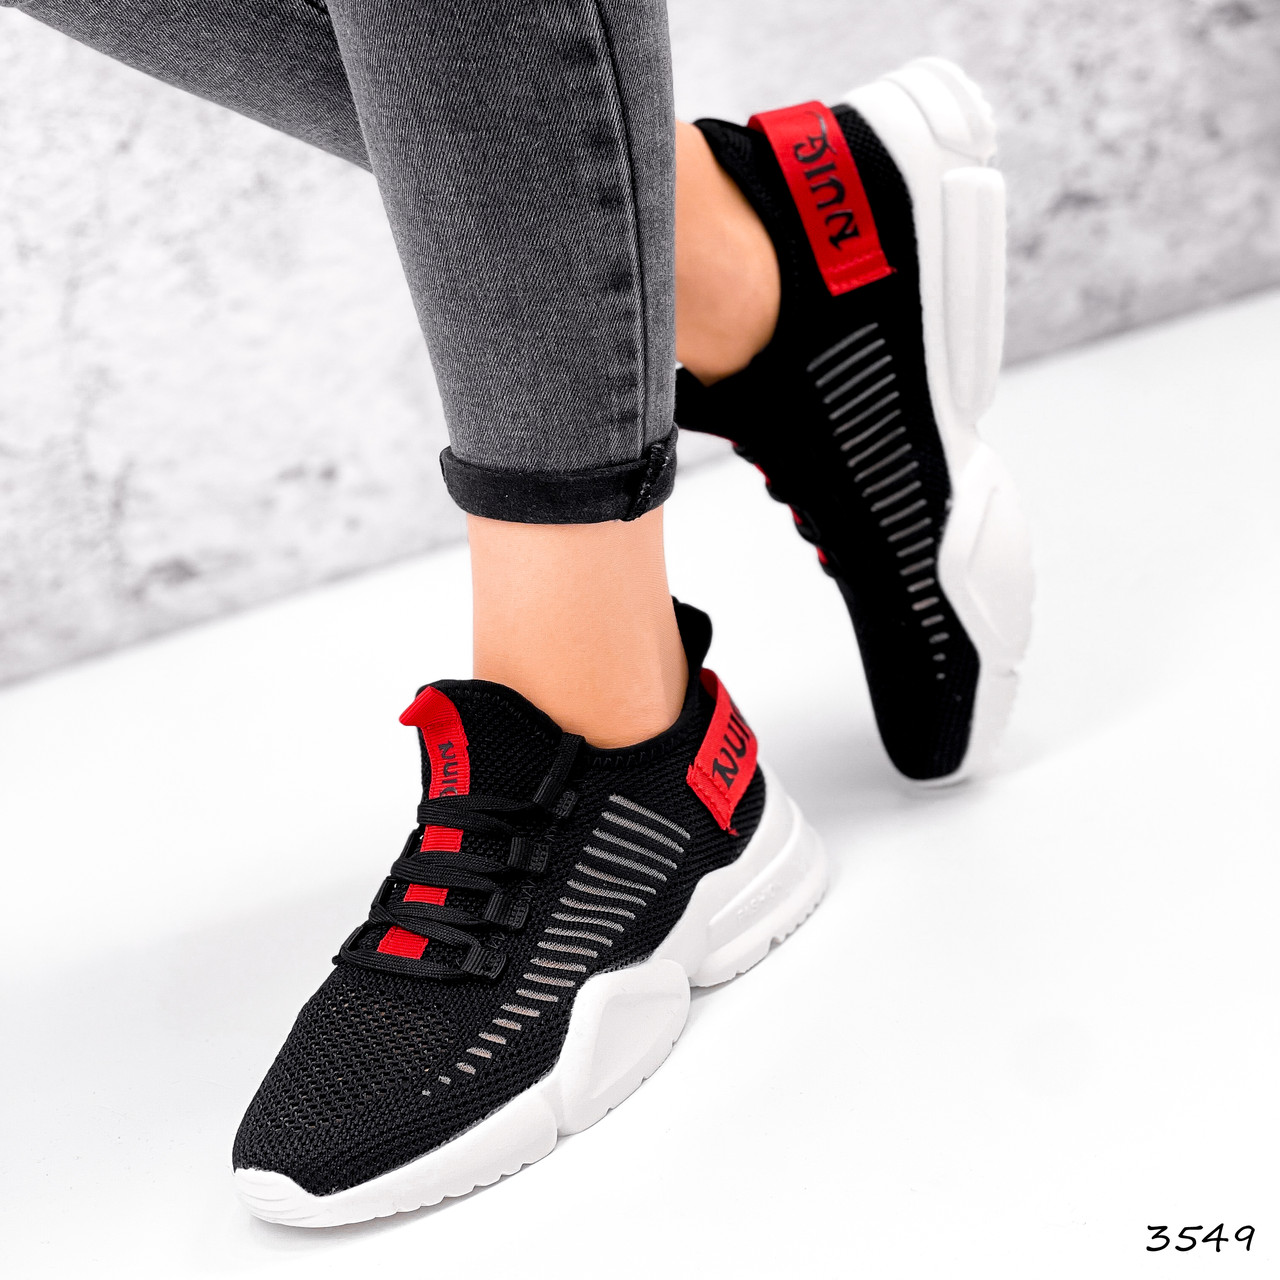 Кросівки жіночі Ayder чорні + червоні 3549